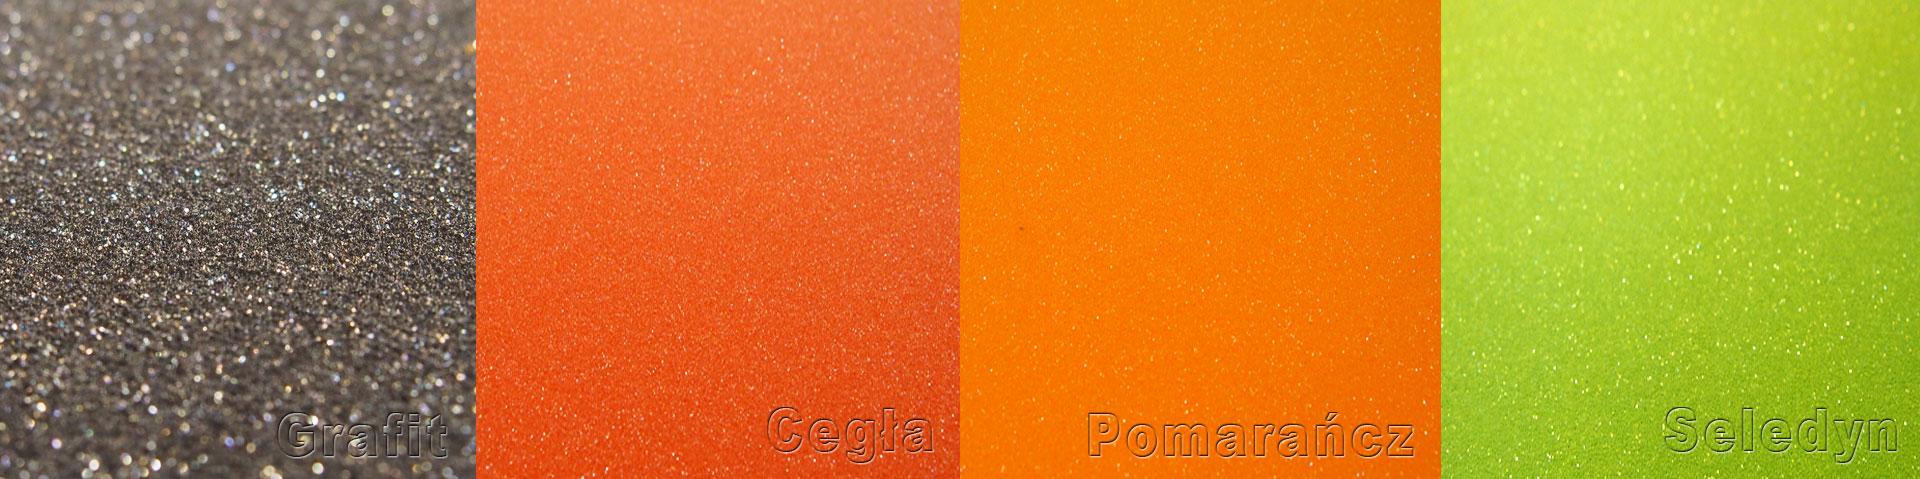 Zdjęcie kolorów pianek poliuretanowych z naszej oferty.